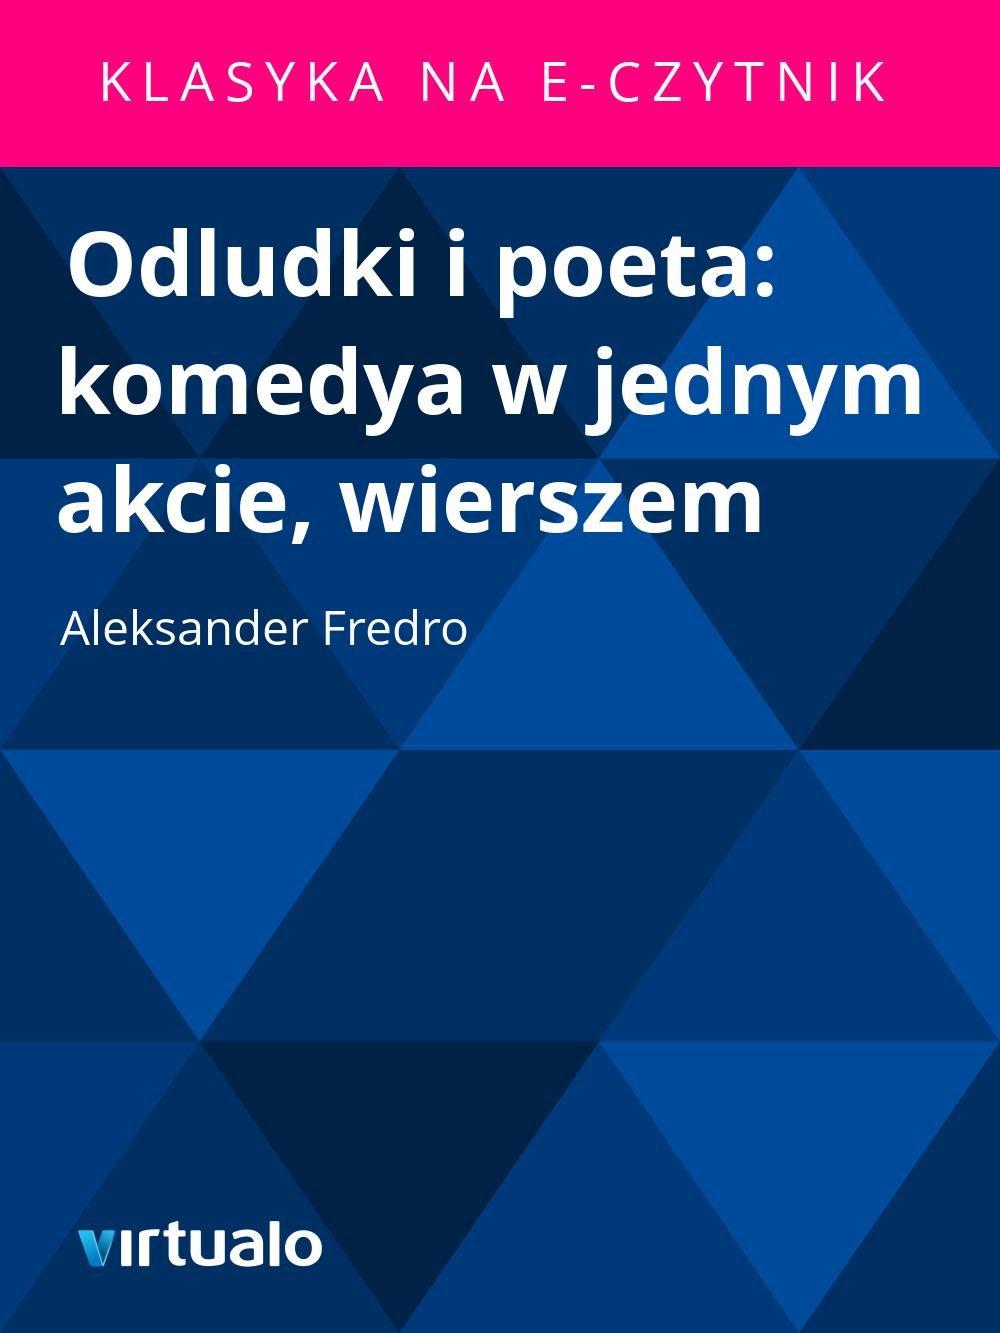 Odludki i poeta: komedya w jednym akcie, wierszem - Ebook (Książka EPUB) do pobrania w formacie EPUB